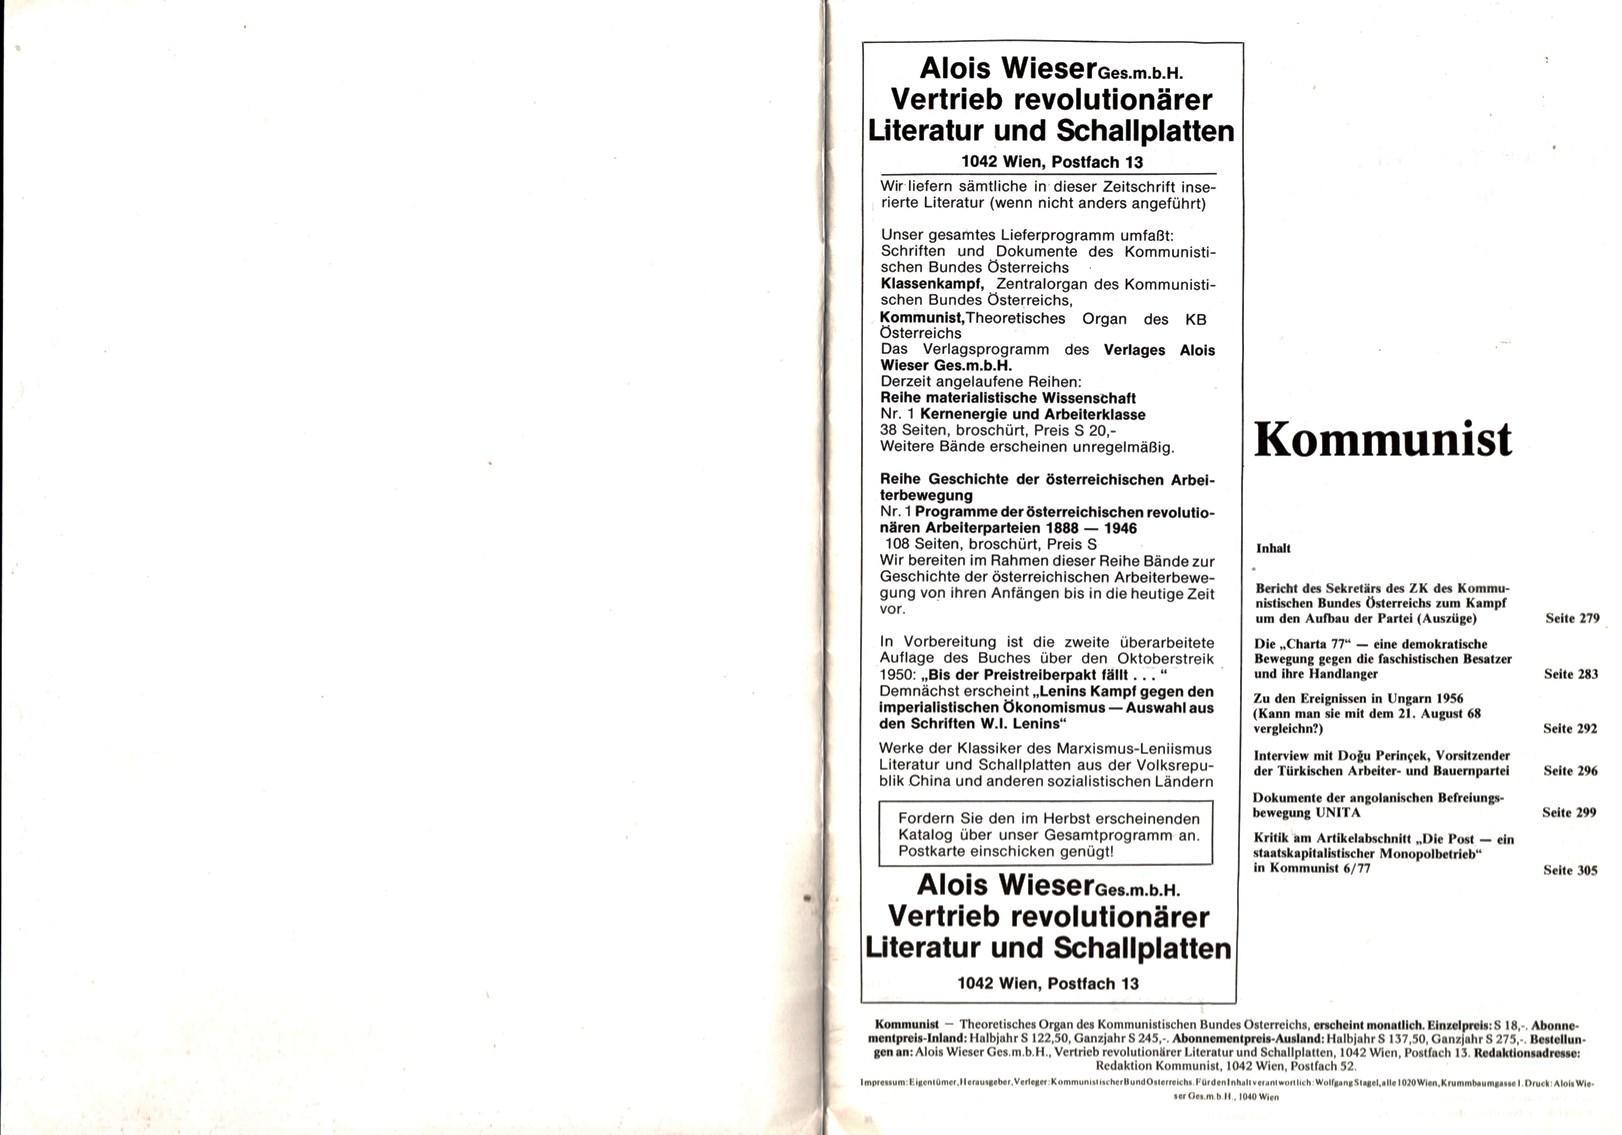 KBOe_TO_Kommunist_19780800_006_002